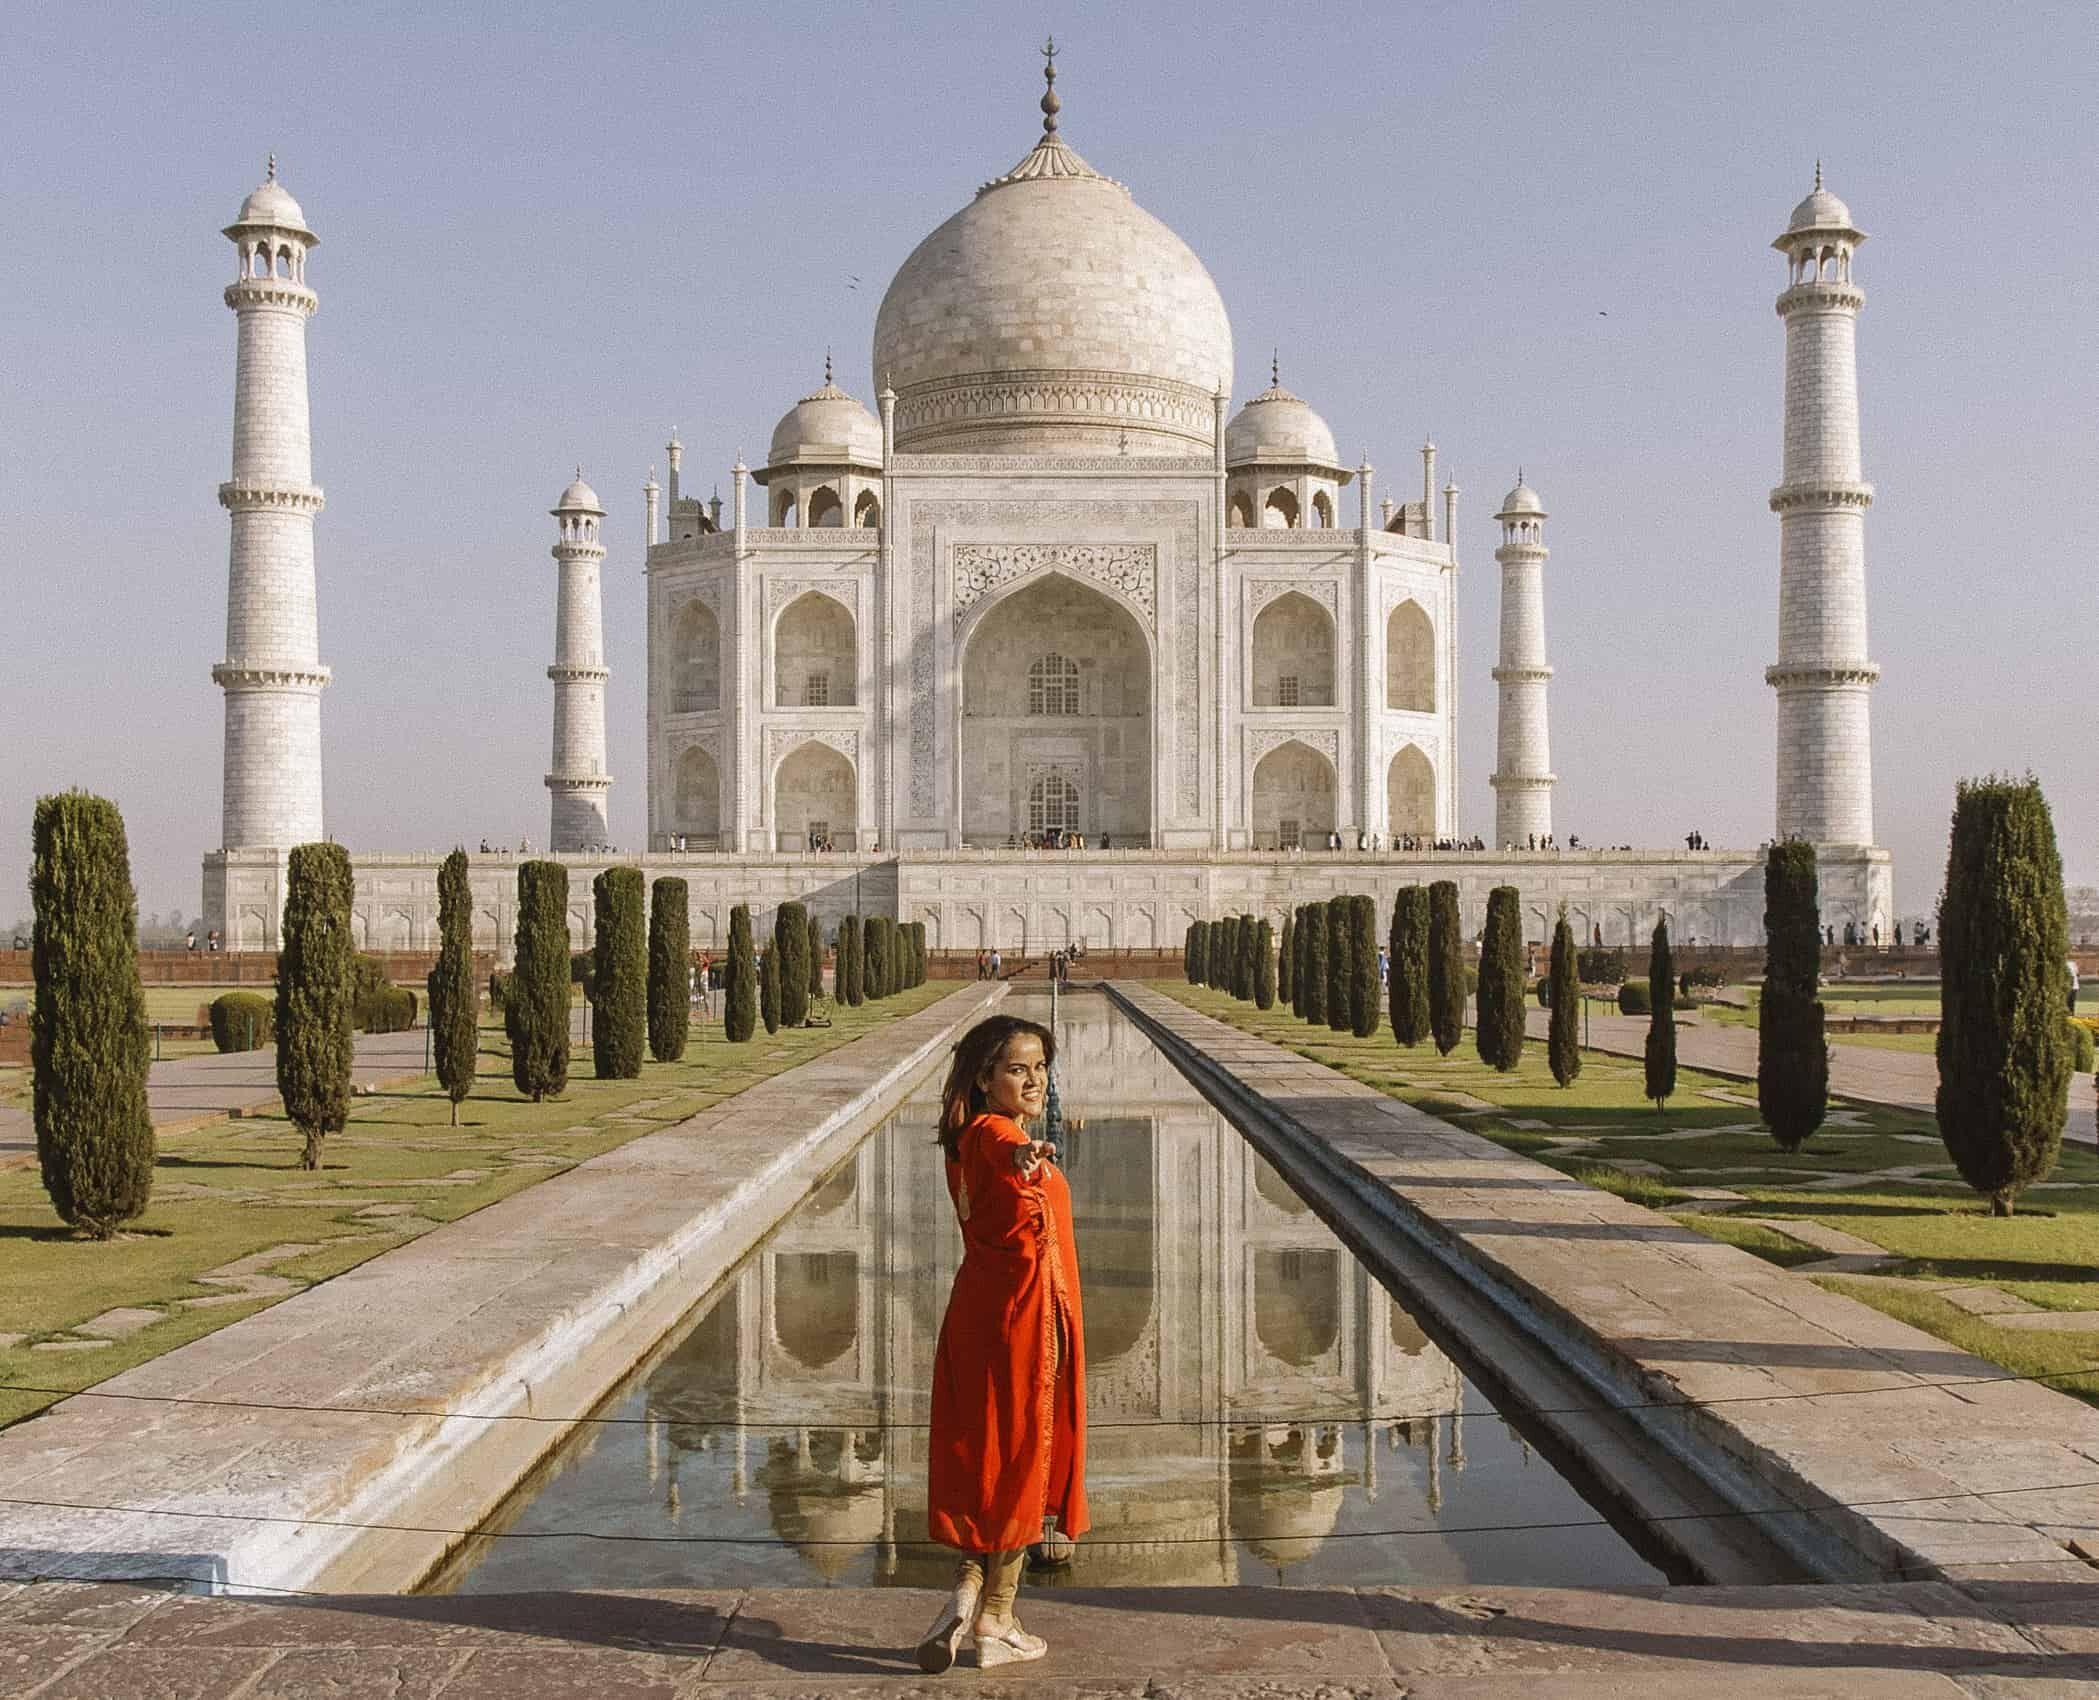 తాజ్ మహల్..ఎర్రకోటలో సందర్శకులకు అనుమతి